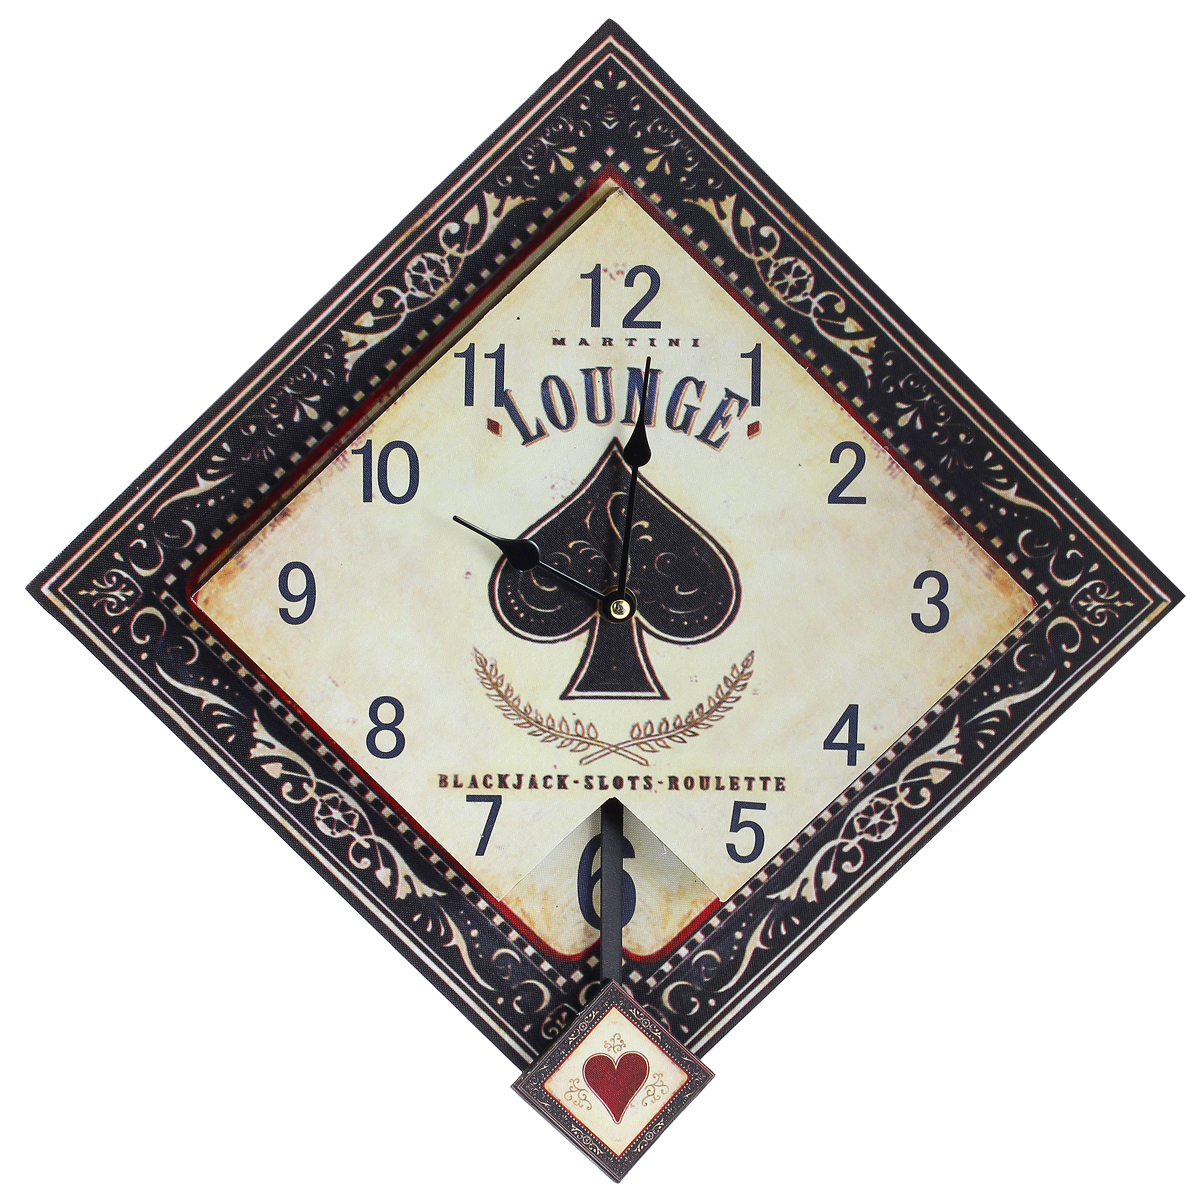 Часы настенные Black Jack, кварцевые, с маятником. 30378300074_ежевикаНастенные кварцевые часы Black Jack изготовлены из МДФ. Часы имеют форму ромба. Корпус оформлен узорами и изображением карточных мастей. Тип индикации - арабские цифры. Часы имеют две стрелки - часовую и минутную. Часы оснащены маятником. С задней стороны имеется отверстие для подвешивания на стену. Изящные часы красиво и оригинально оформят интерьер дома или офиса.Часы работают от одной батарейки типа АА (в комплект не входит).Размер часов (ДхШхВ) (без учета маятника): 42 см х 42 см х 4 см.Размер циферблата: 30 см х 30 см.Внимание! Уважаемые клиенты, обращаем ваше внимание на тот факт, что циферблат часов не защищен стеклом!